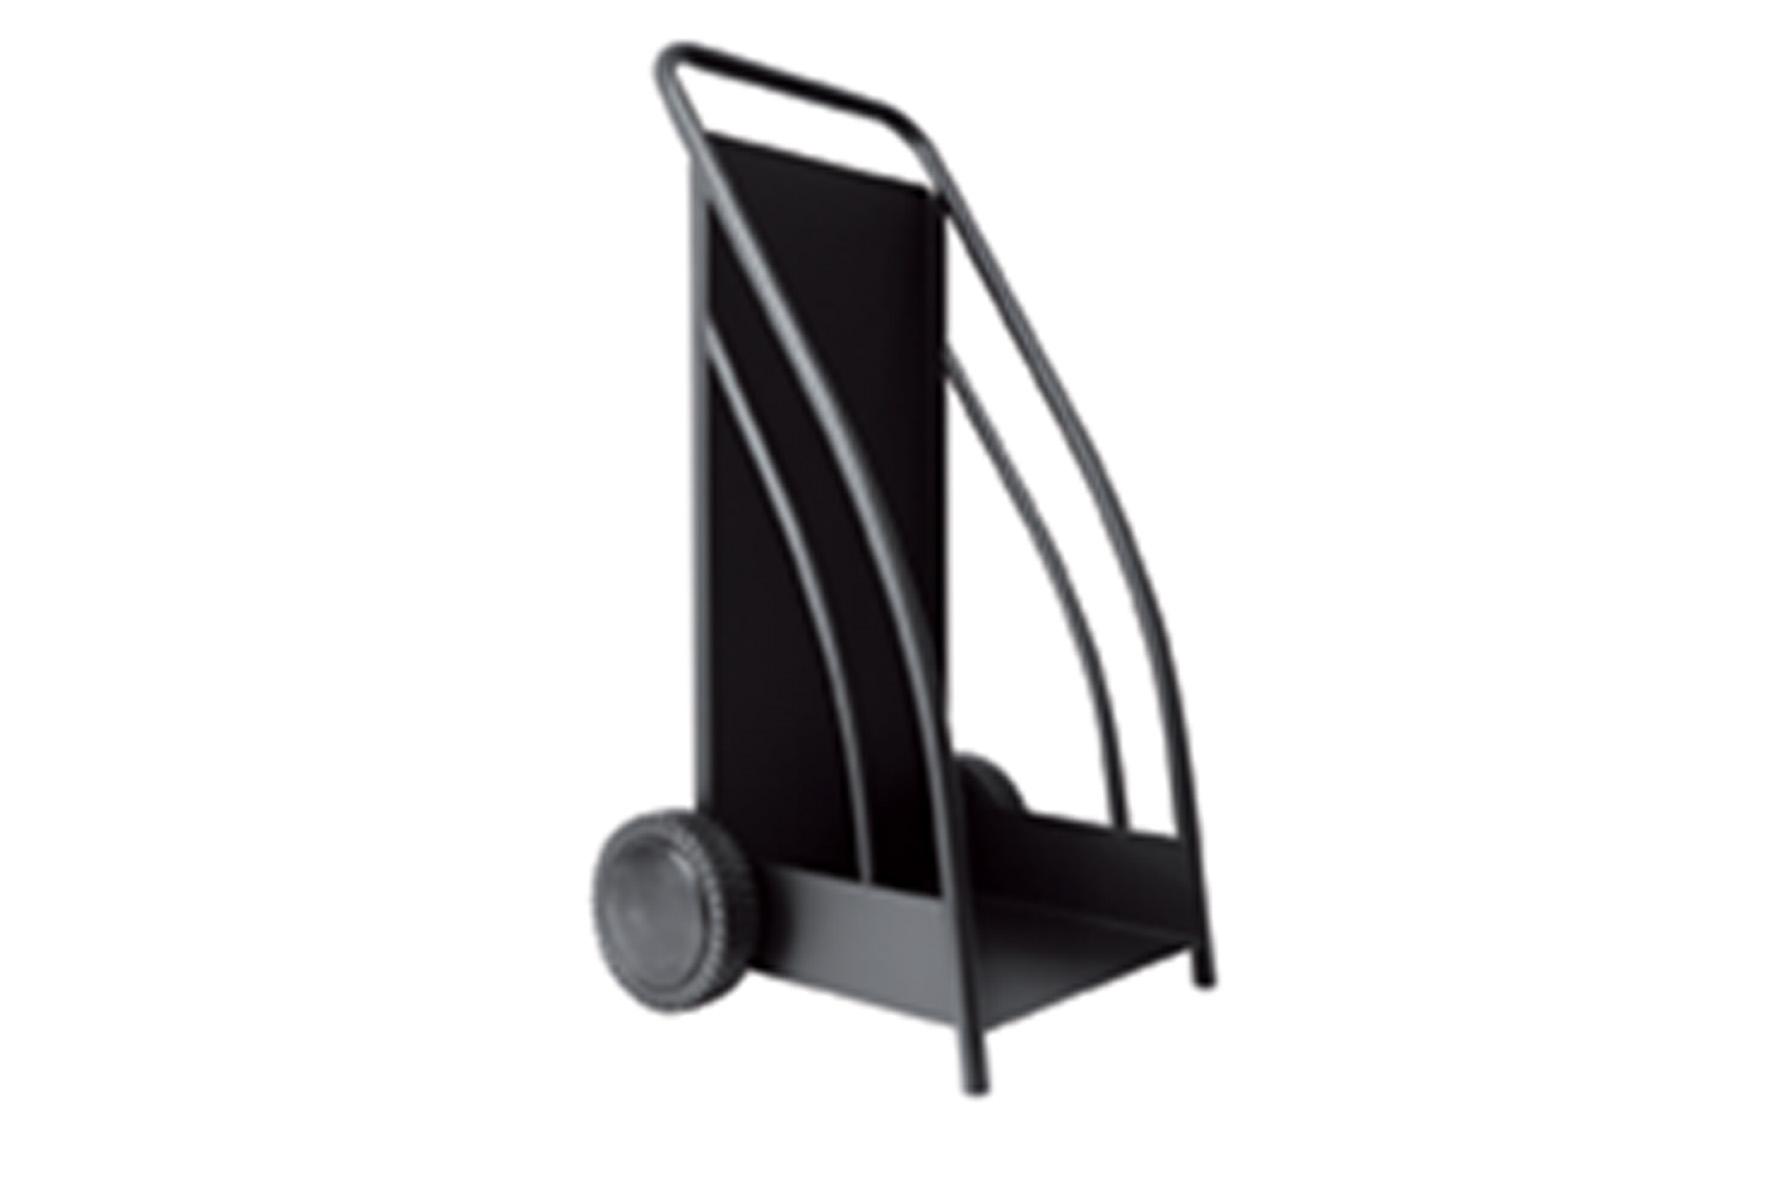 chariot 39 39 b che m tal noir achat en ligne ou dans notre magasin. Black Bedroom Furniture Sets. Home Design Ideas